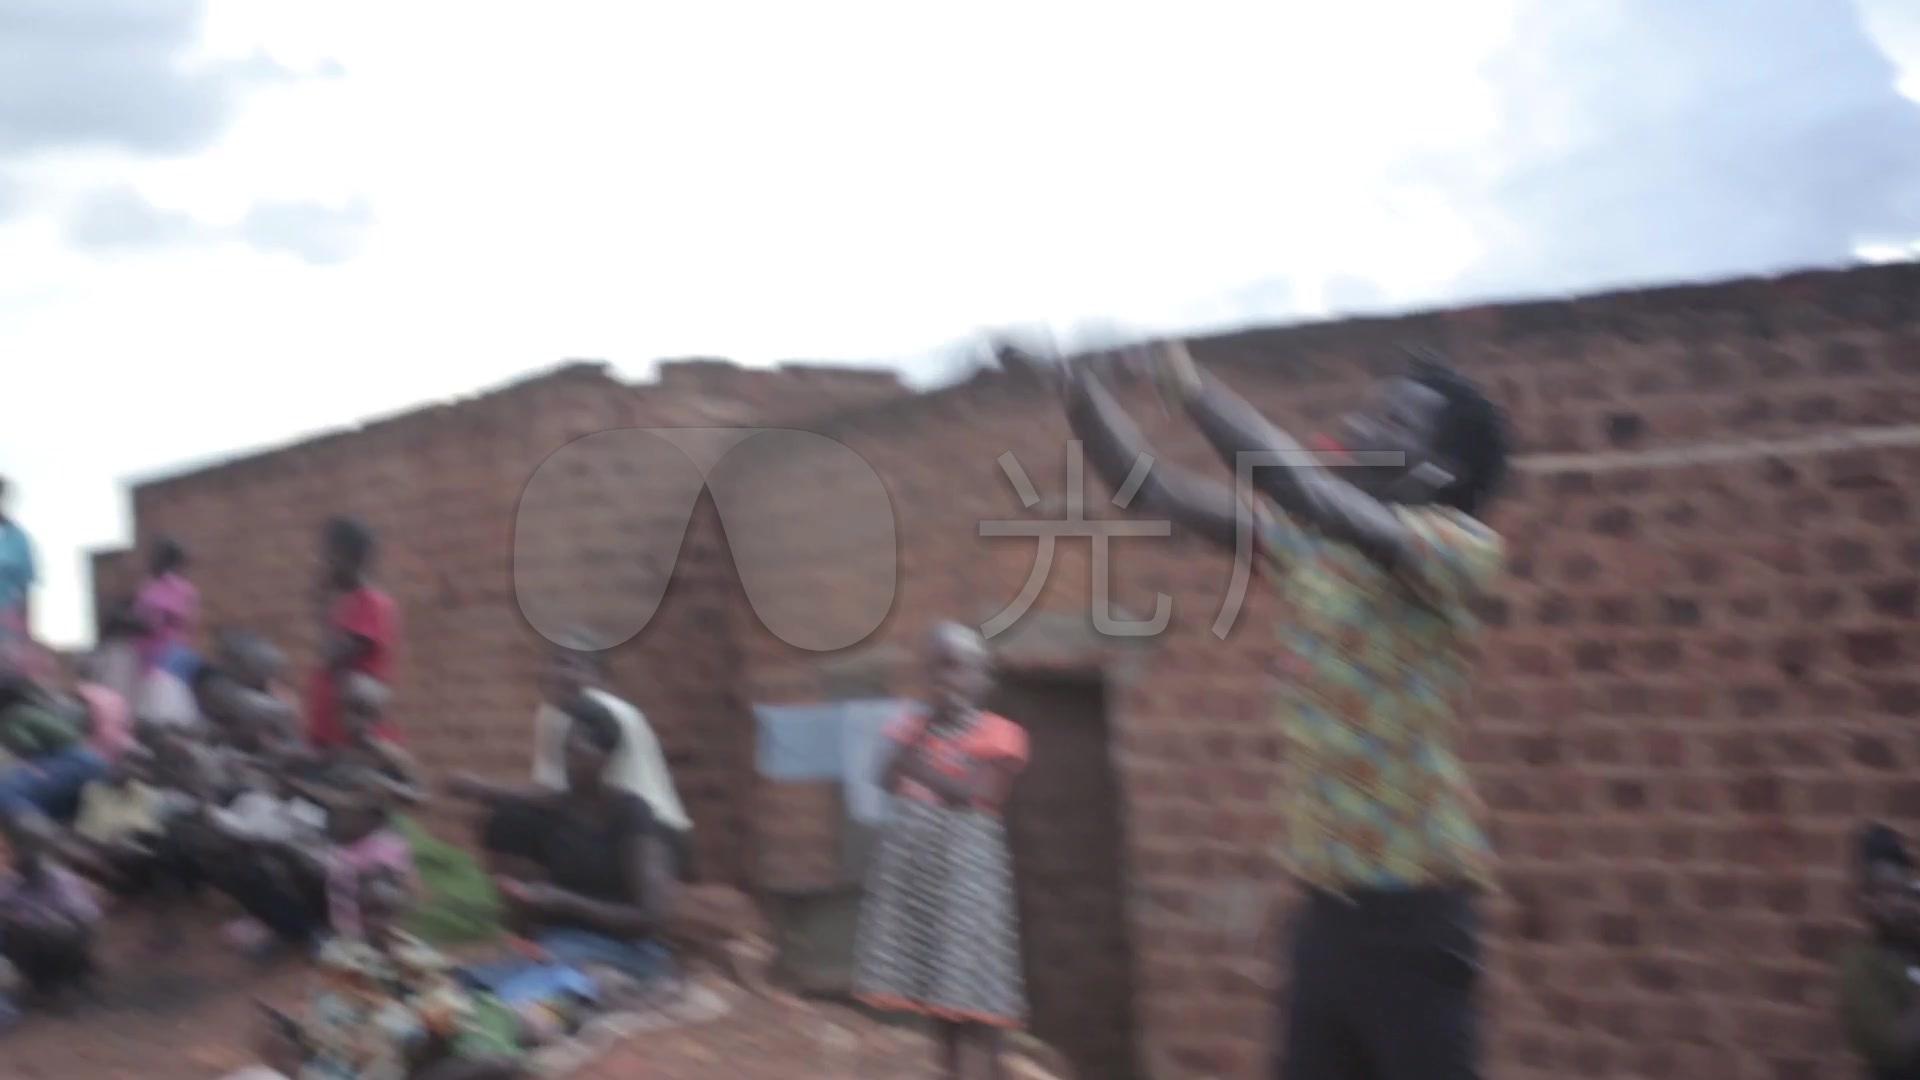 非洲貧困地區兒童生活實拍_1920x1080_高清視頻素材